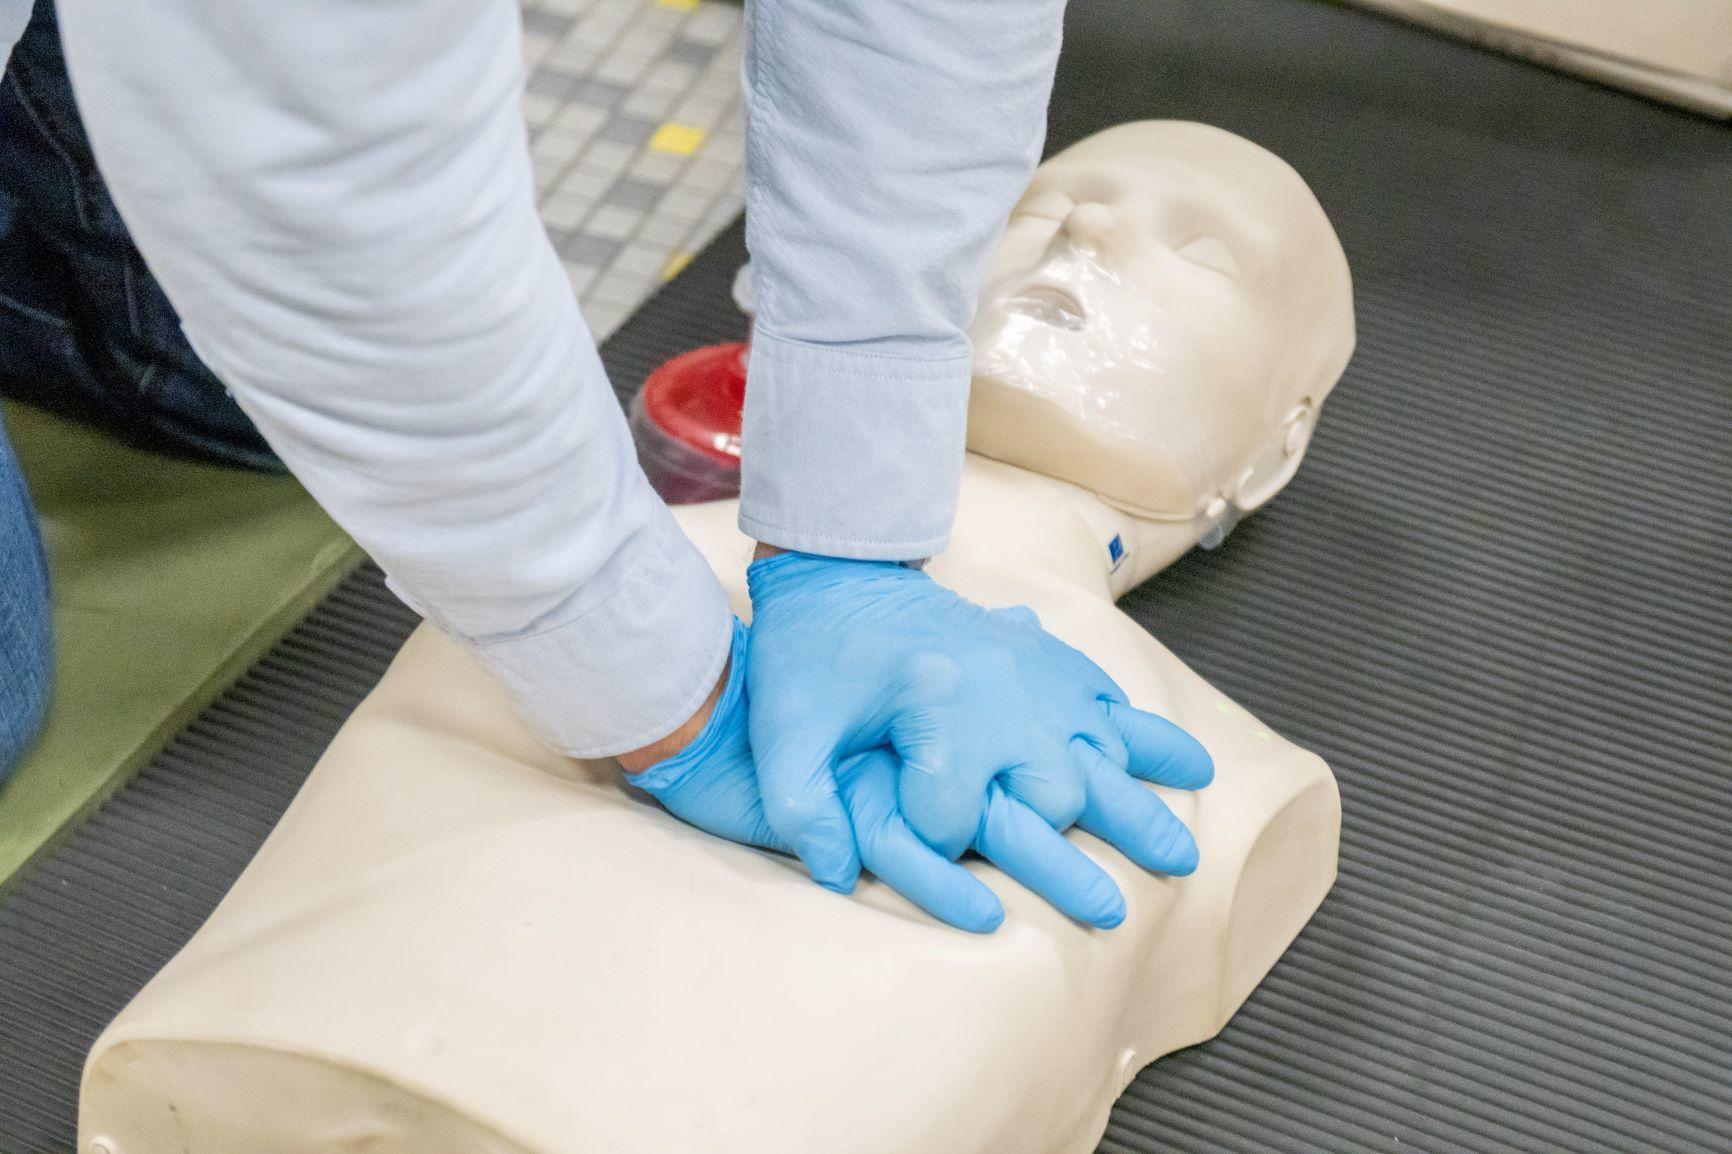 CPR Hands